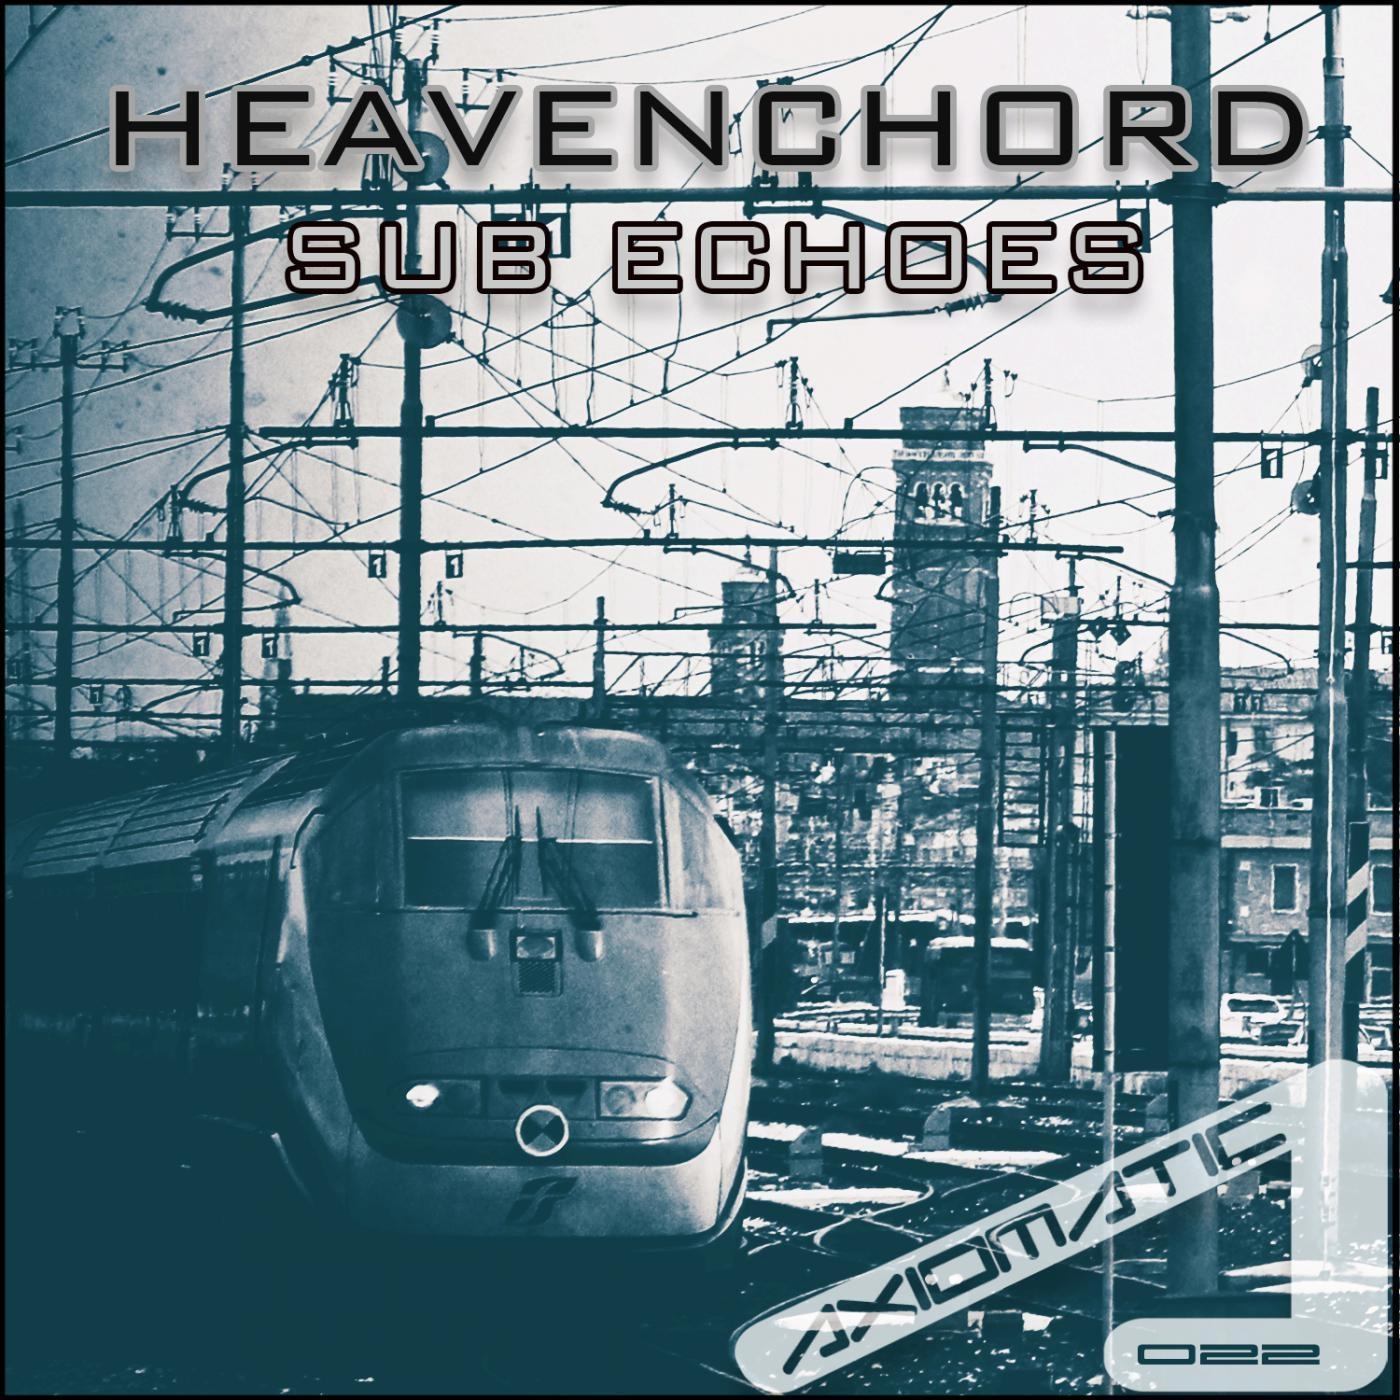 Heavenchord - Hello April (Original mix)